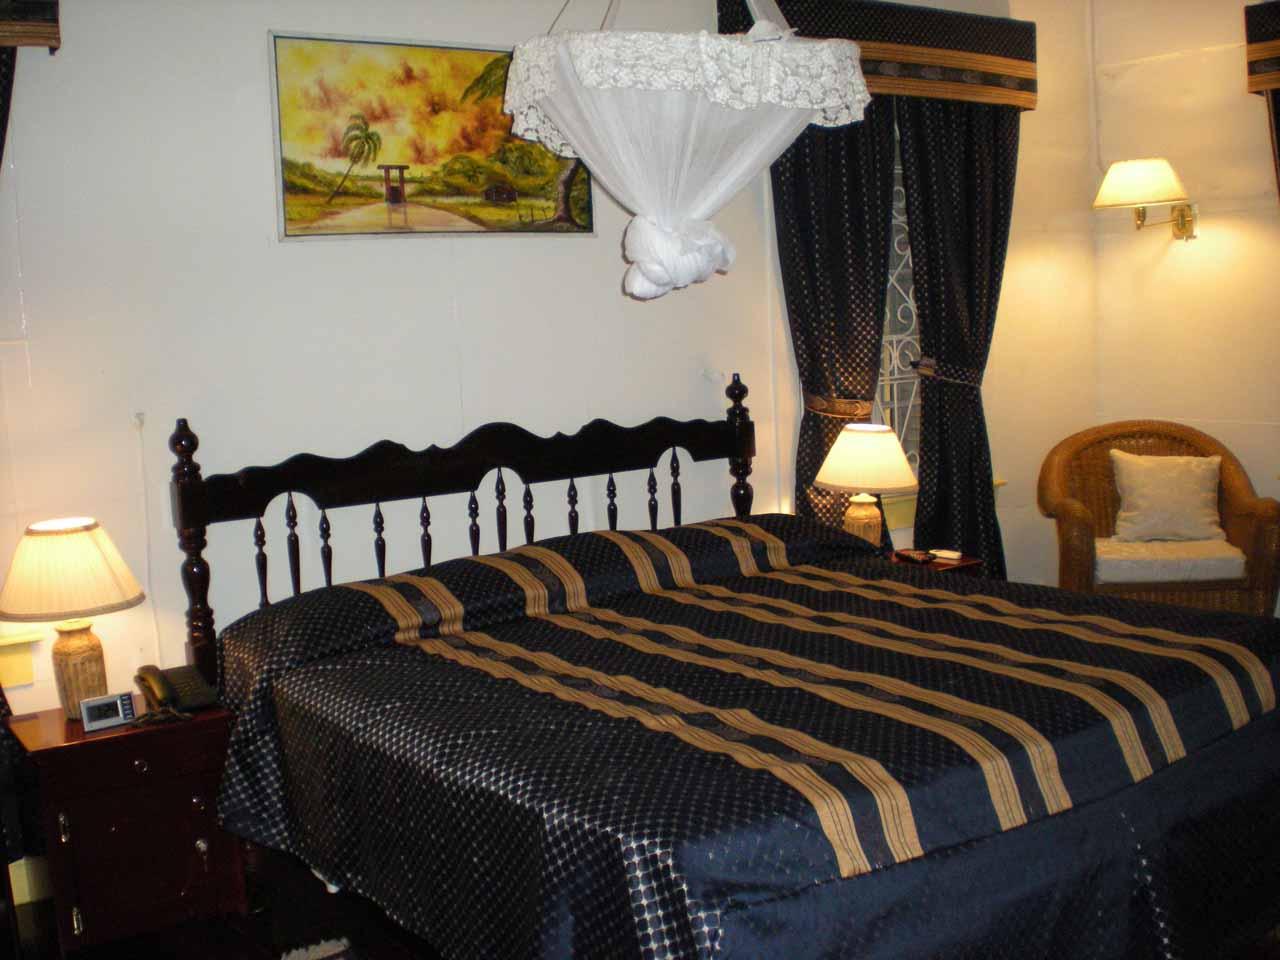 Our room inside Herdmanston Lodge